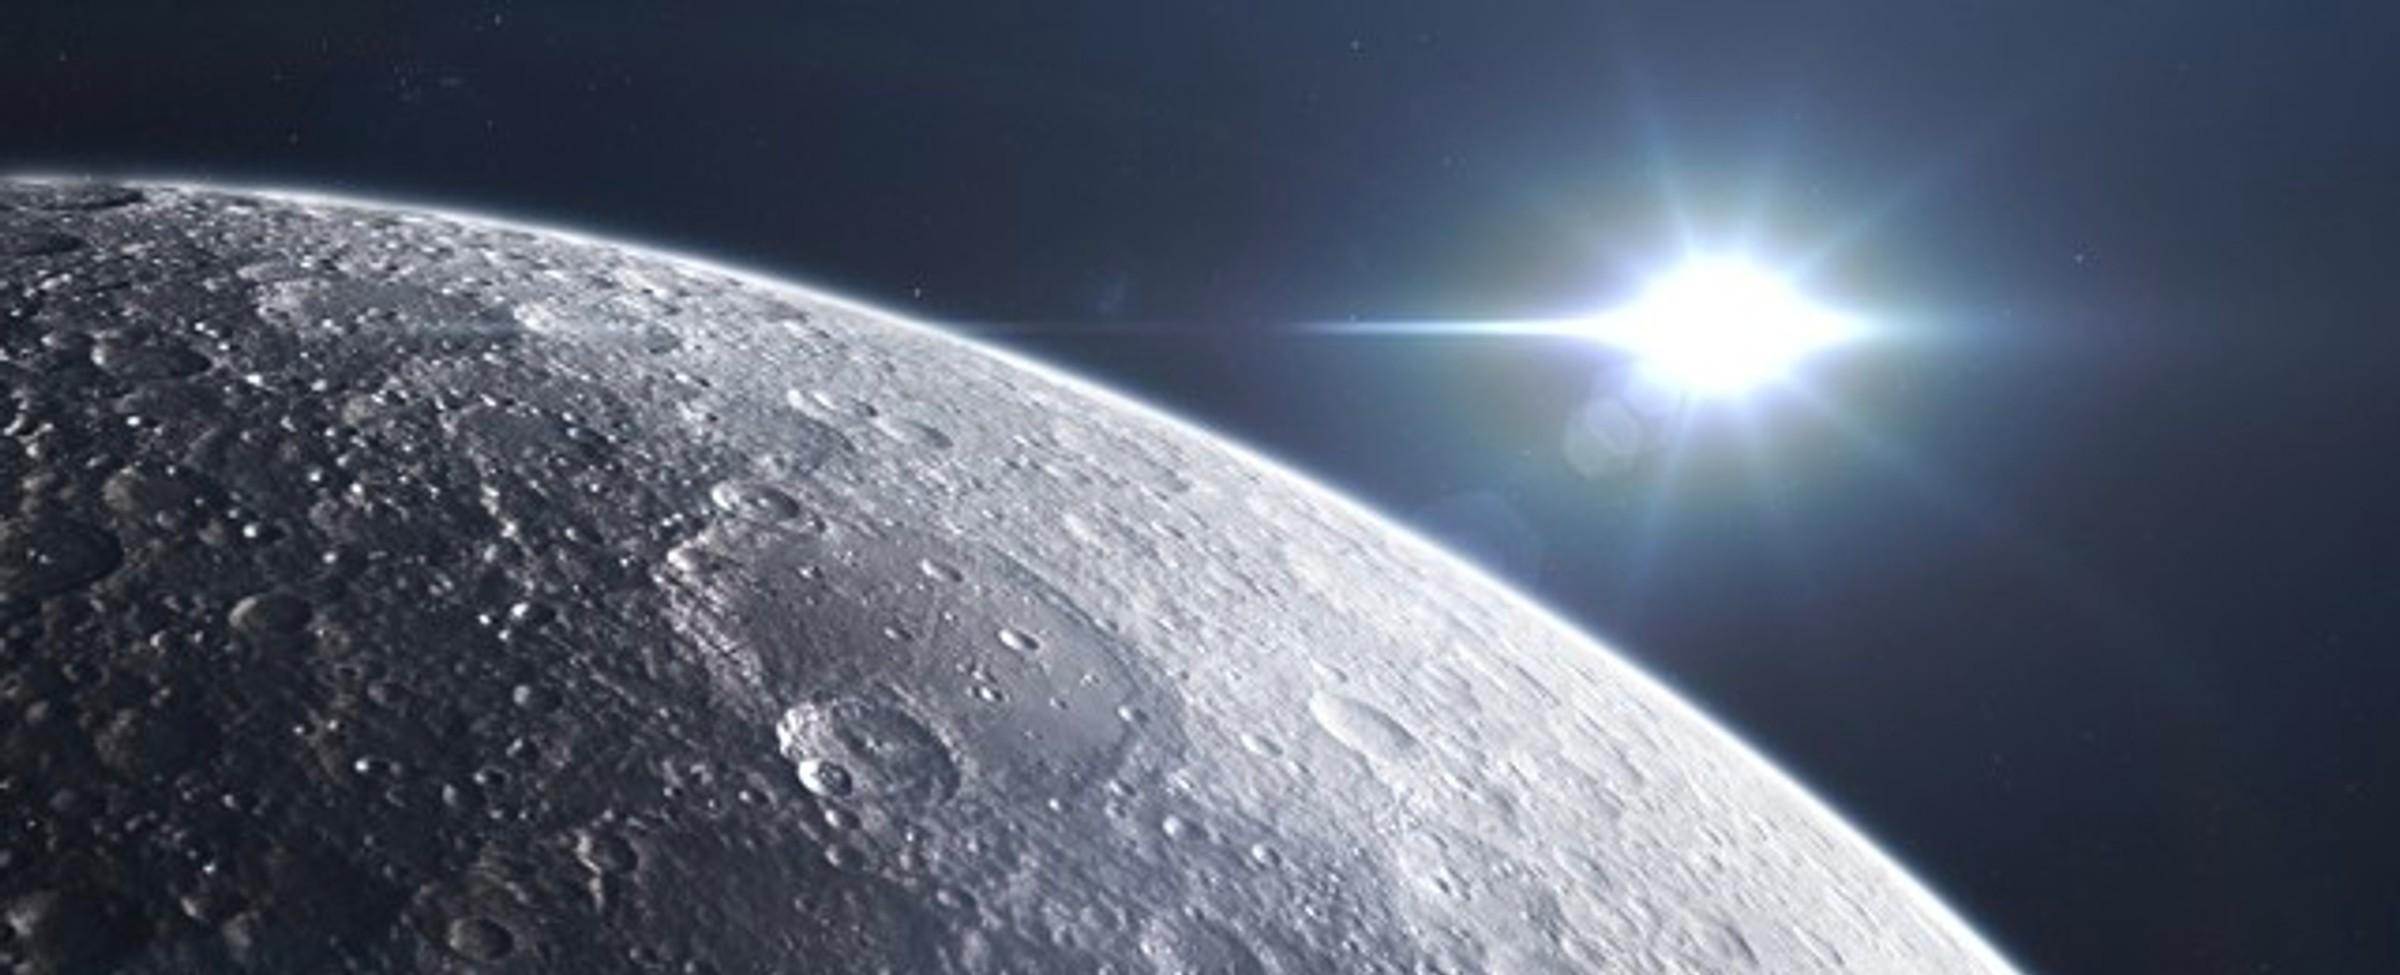 Měsíční matrice